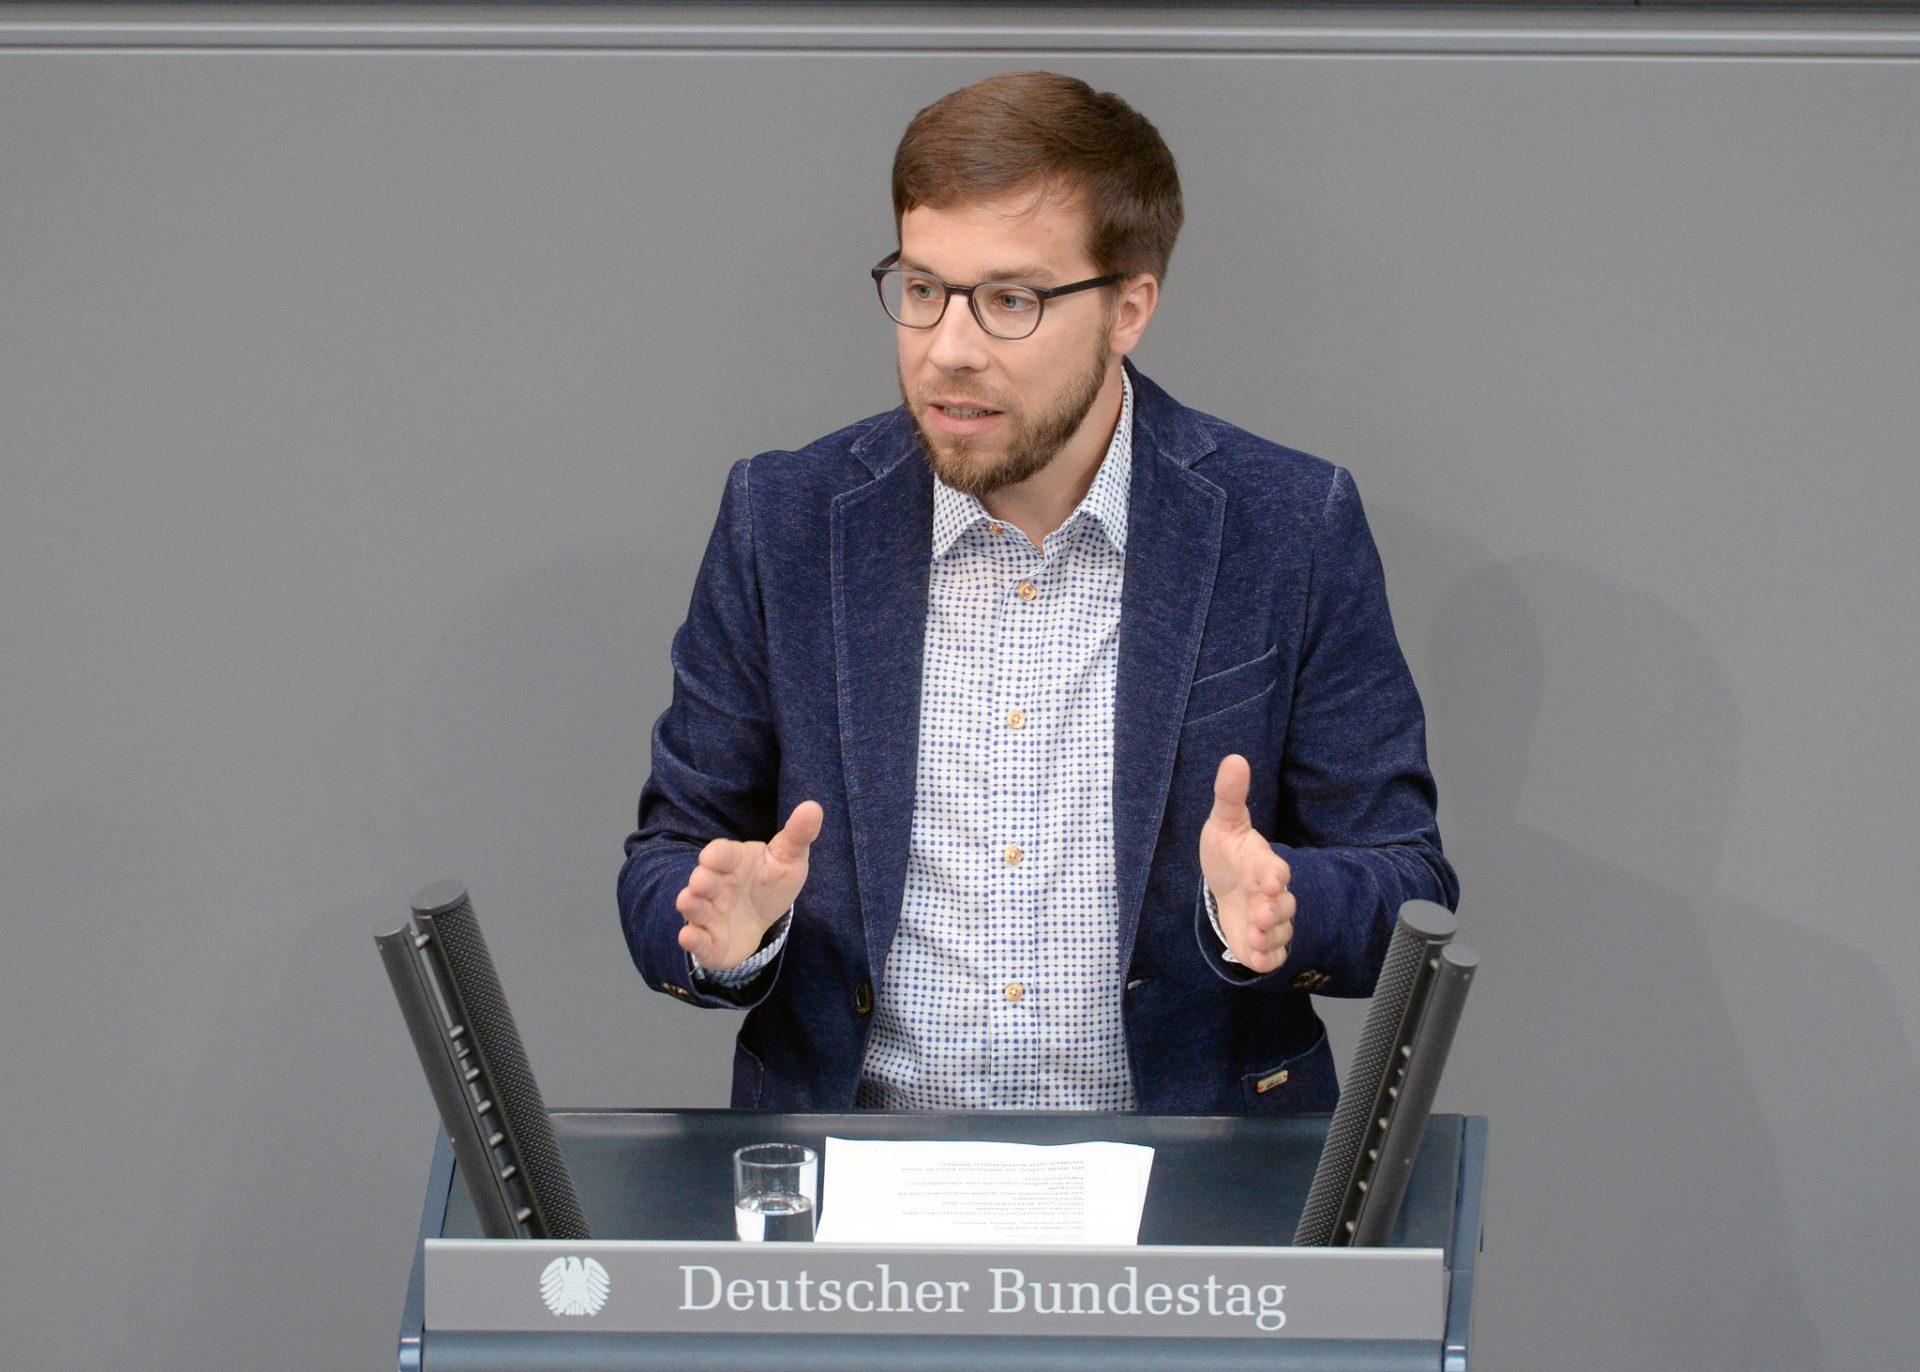 Quelle: Deutscher Bundestag/ Achim Melde